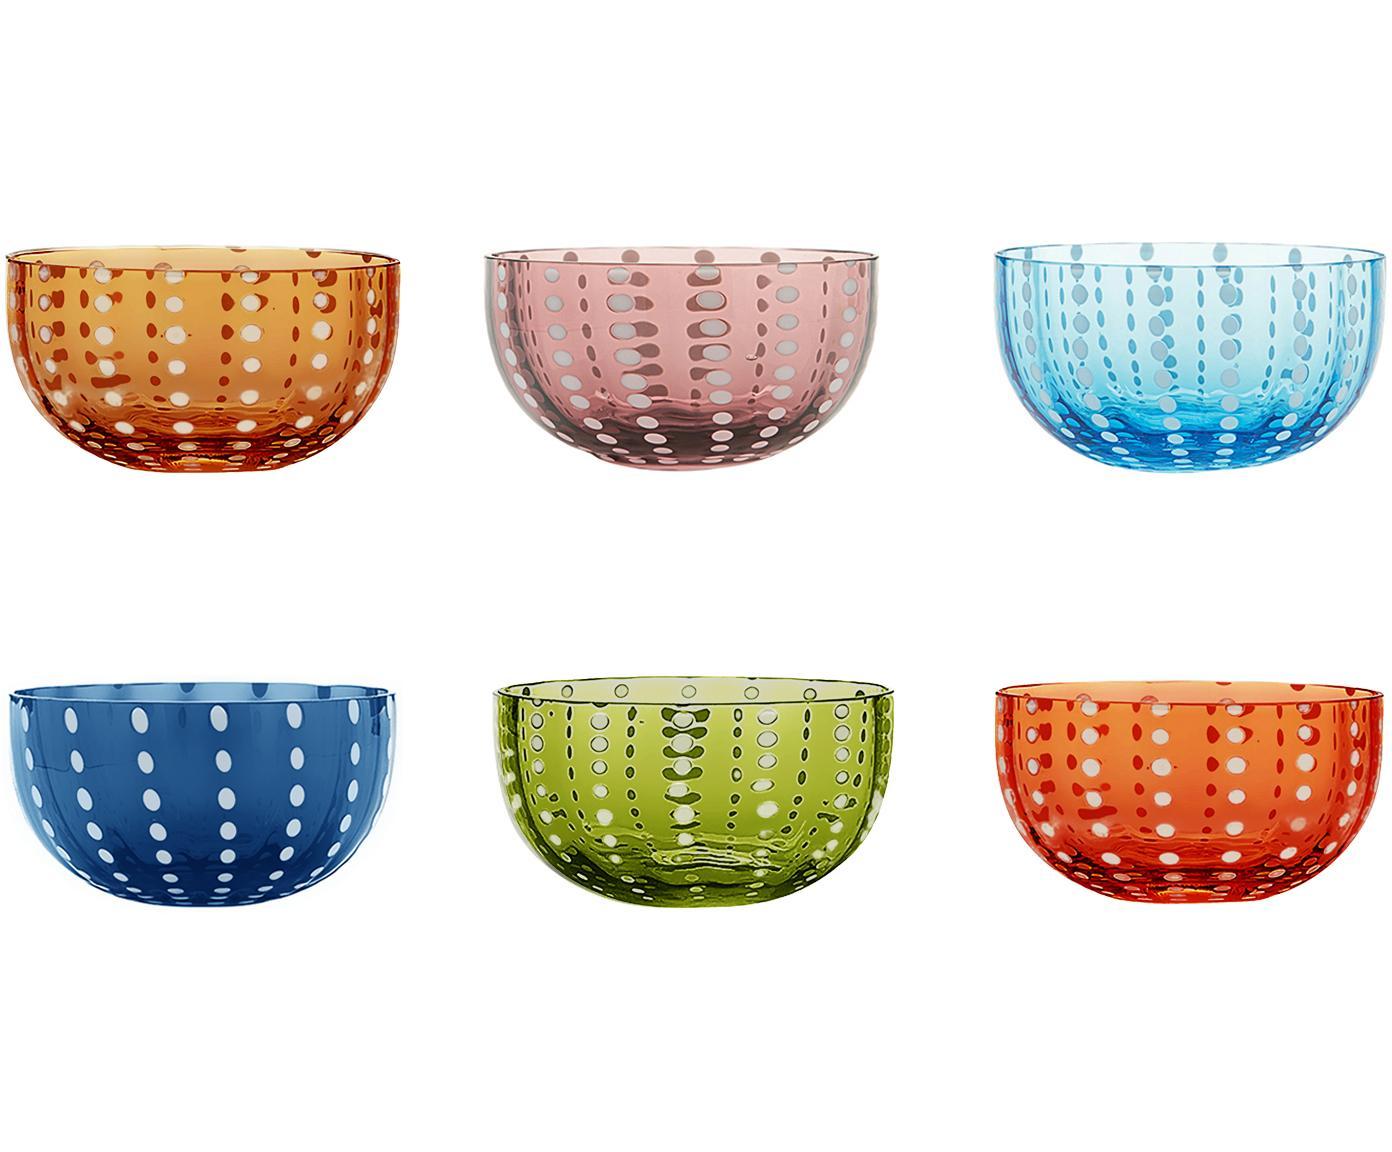 Mundgeblasene Schälchen Perle in Bunt, 6er-Set, Glas, Bernsteinfarben, Lila, Türkis, Blau, Grasgrün, Orange, Ø 12 x H 6 cm